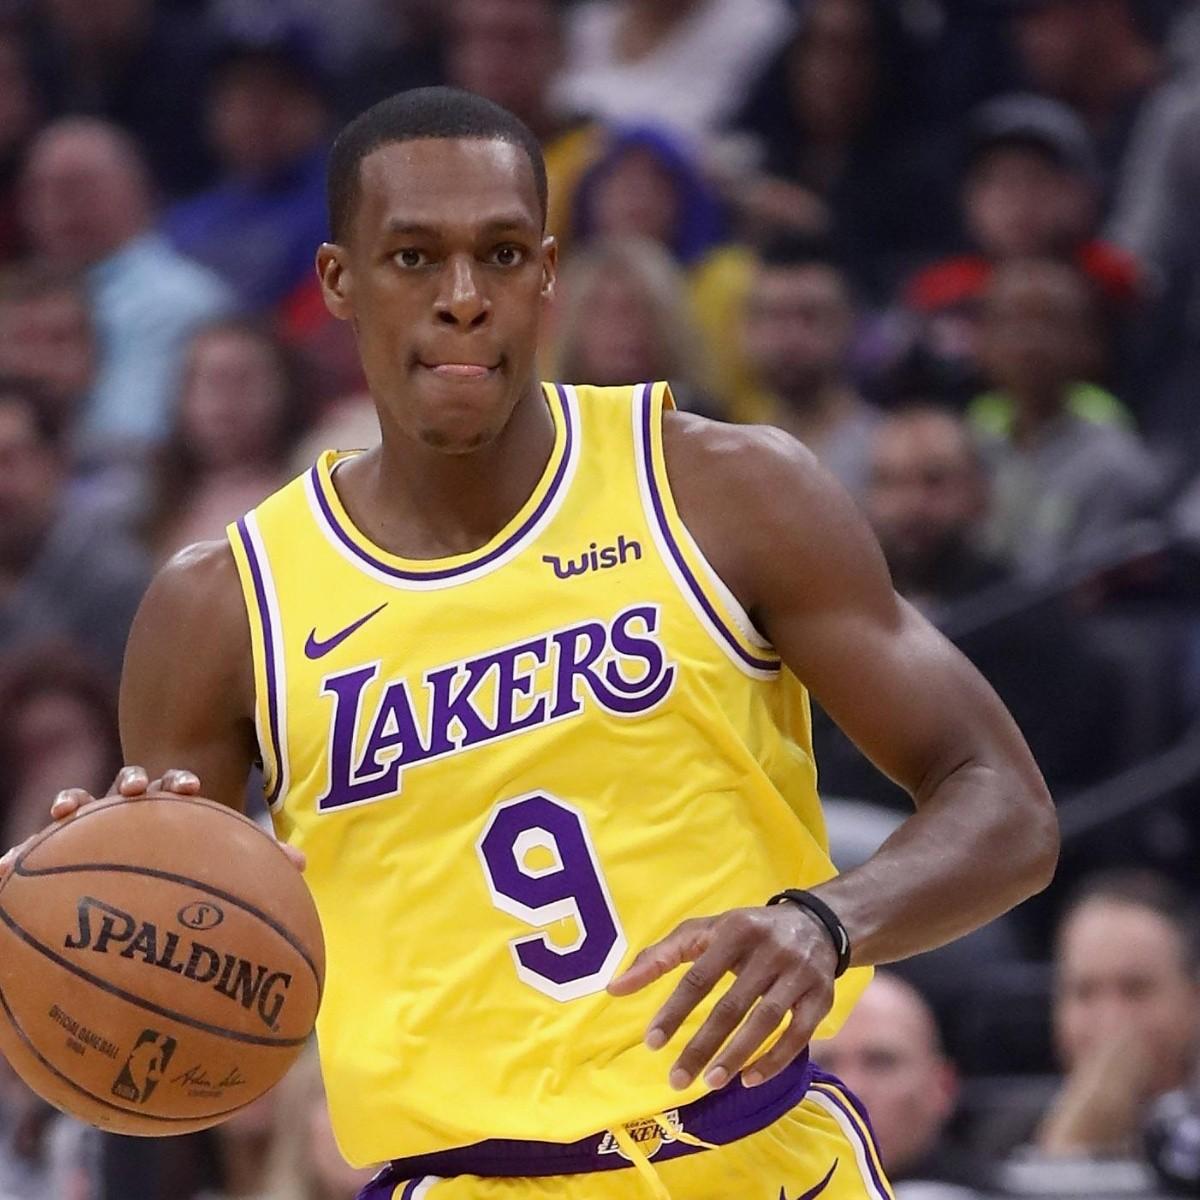 Rajon Rondo confiesa que prefería quedarse en los Pelicans en lugar de ir a  los Lakers 7cebe1c08